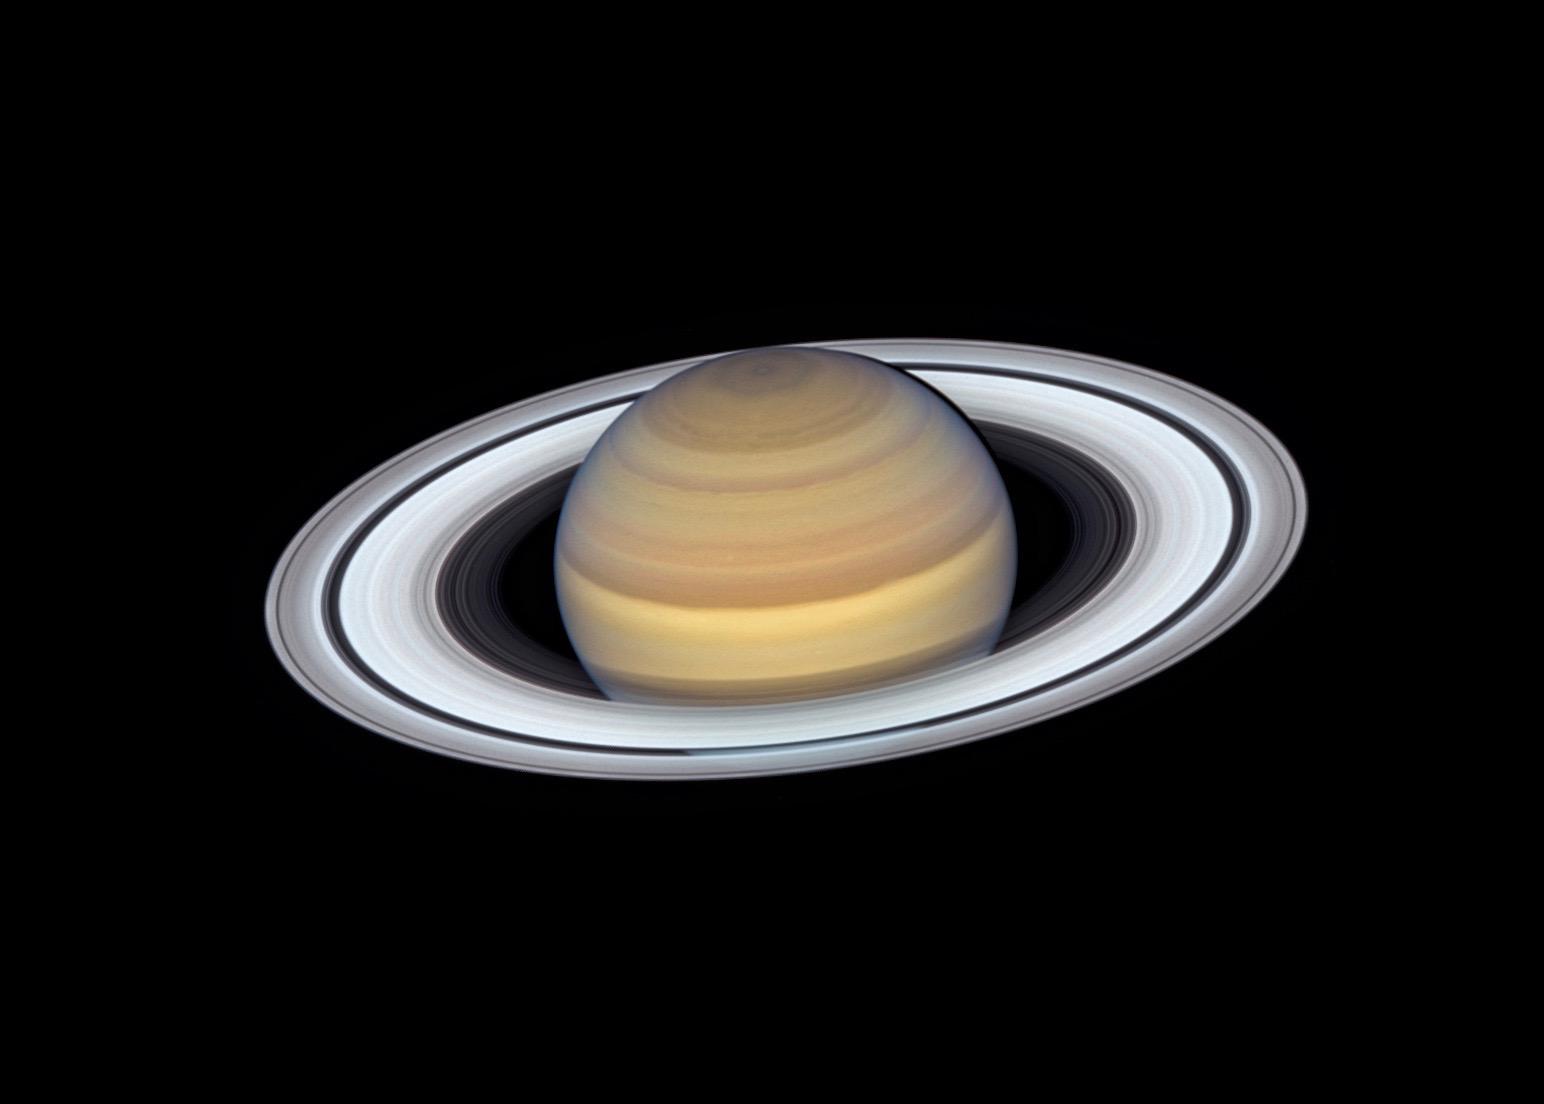 НАСА показало самое детальное изображение колец Сатурна.Вокруг Света. Украина